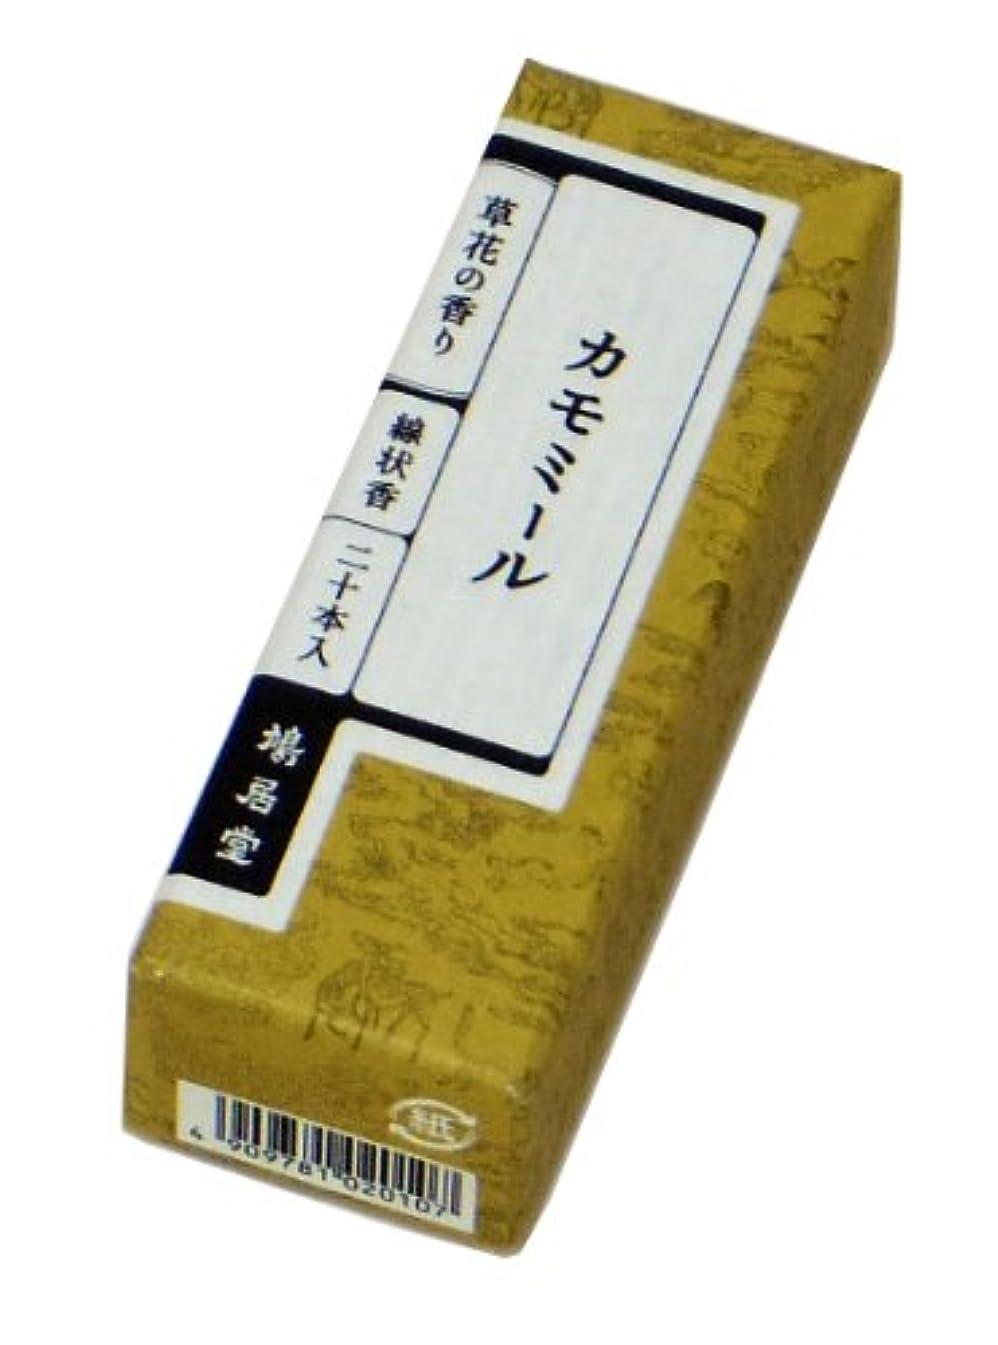 コールドテスト怒っている鳩居堂のお香 草花の香り カモミール 20本入 6cm